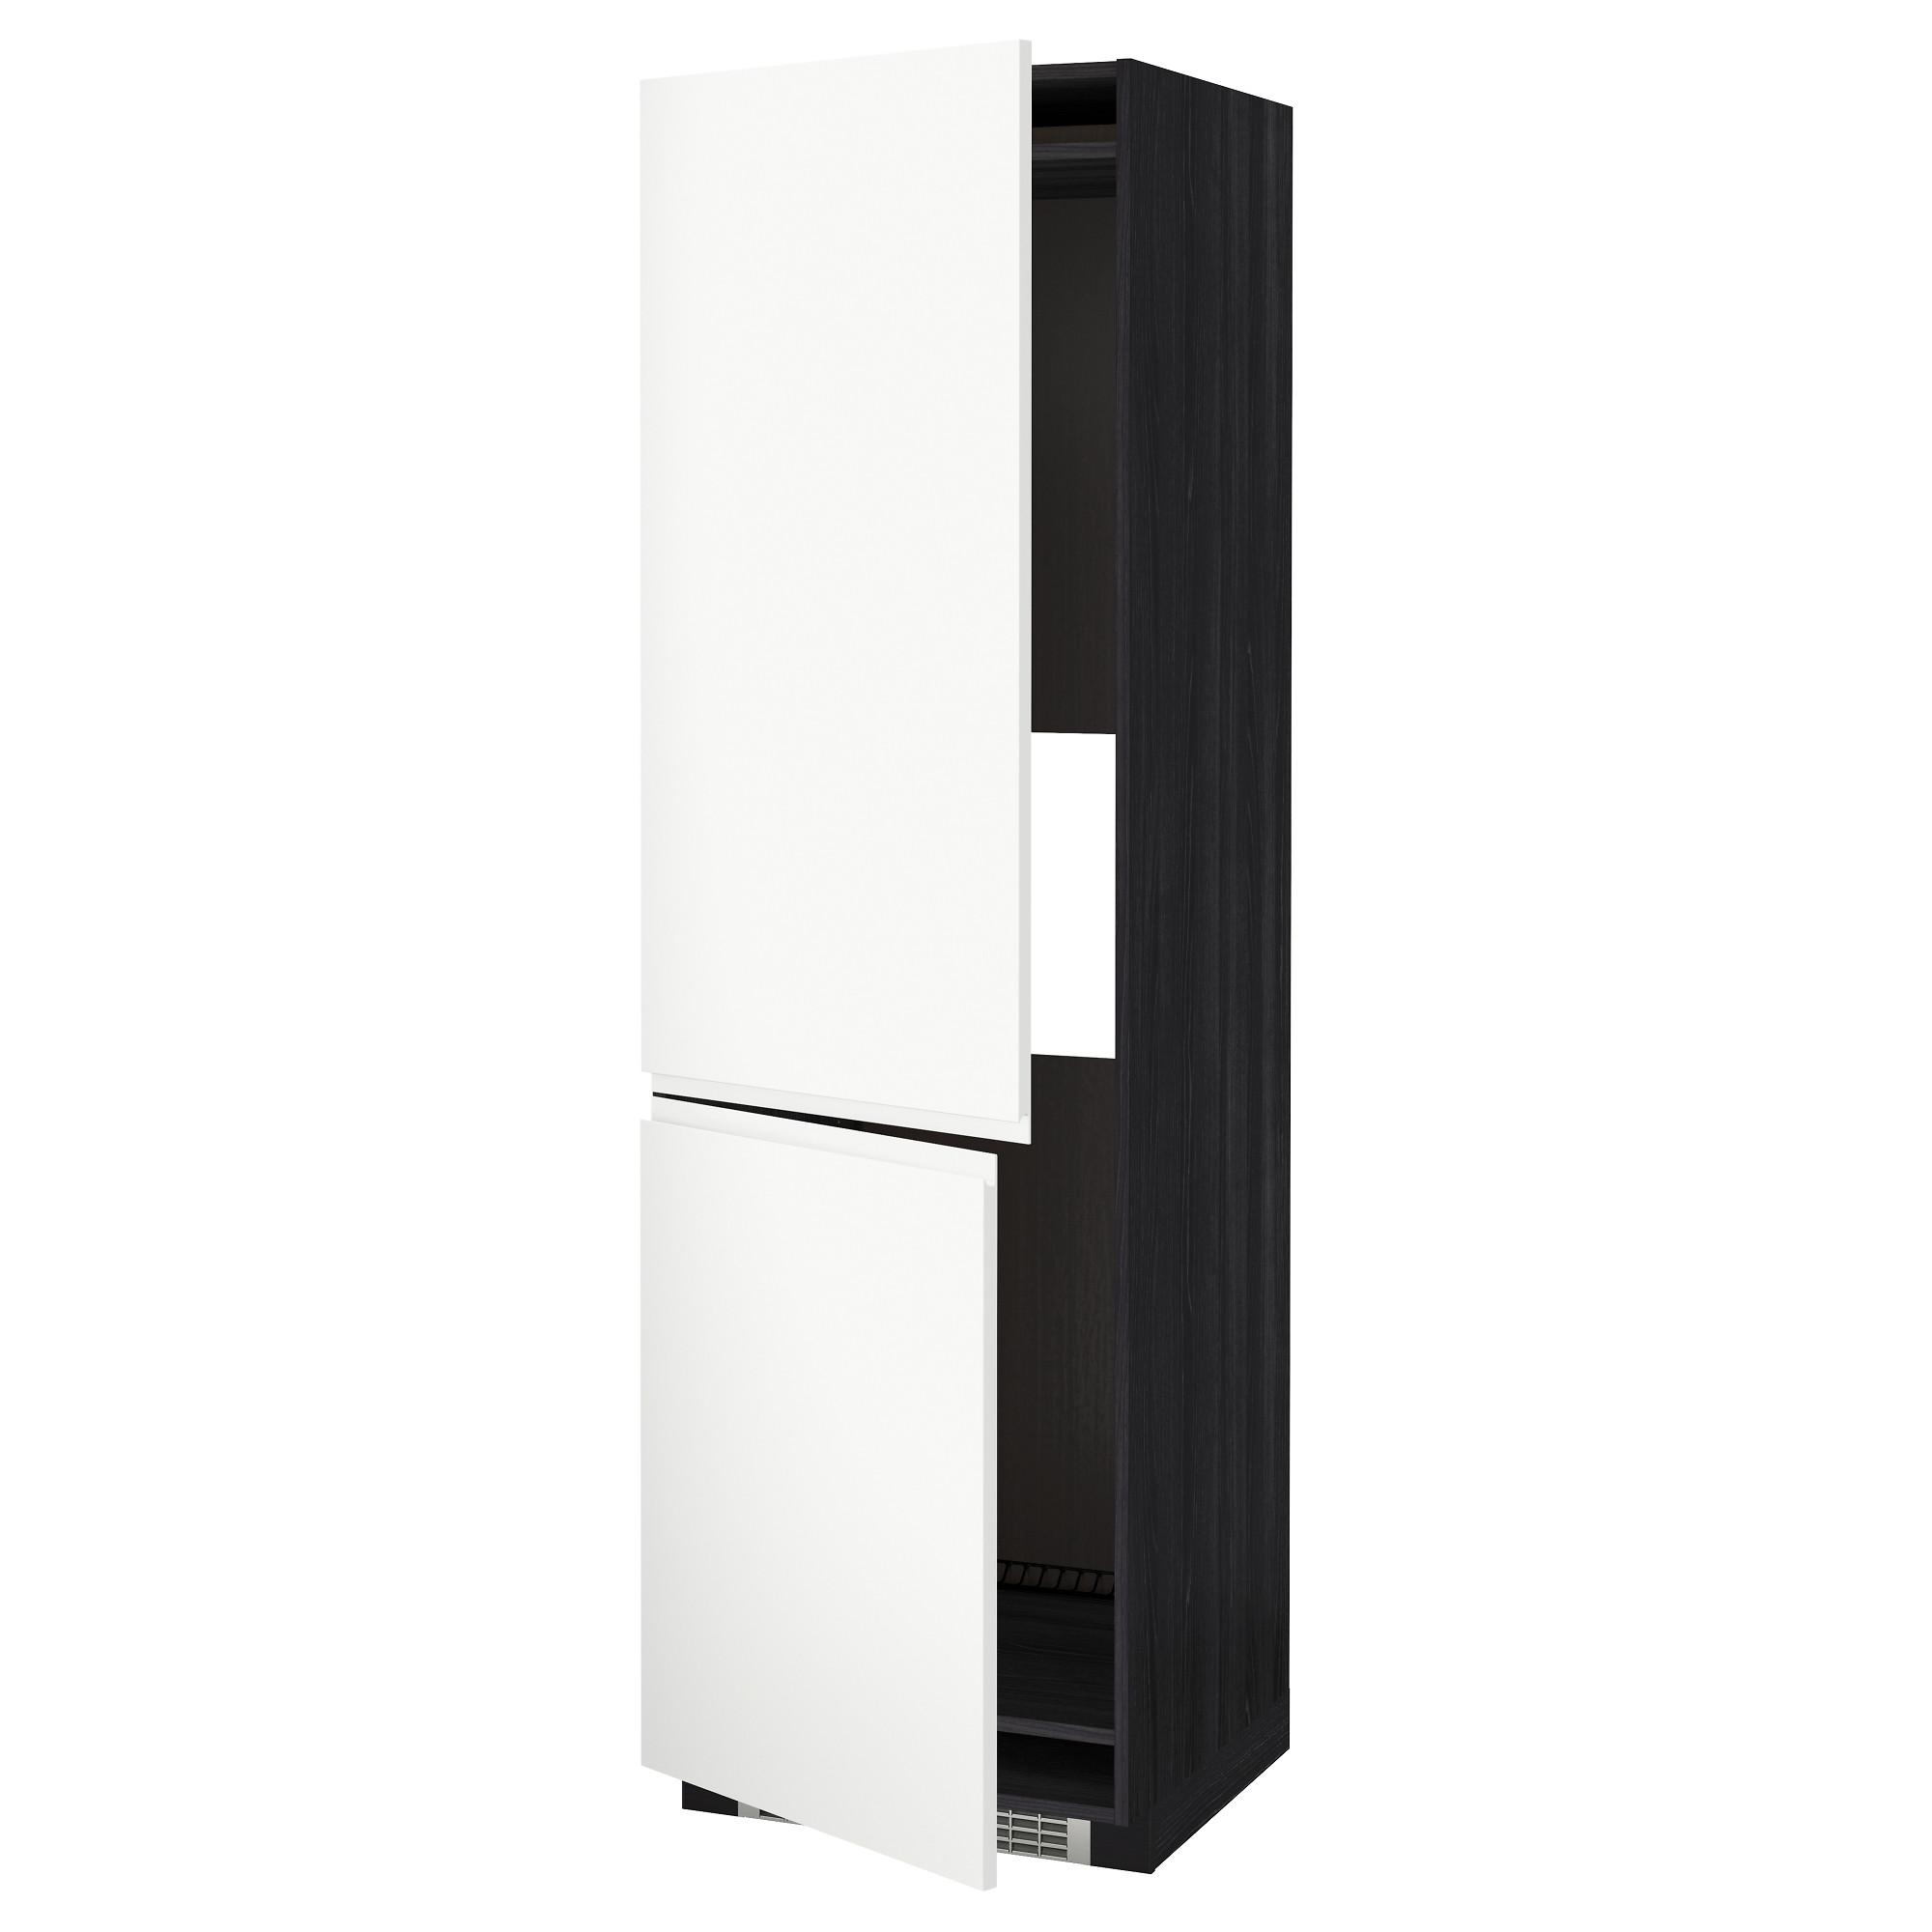 Высокий шкаф для холодильника или морозильник МЕТОД черный артикуль № 192.243.21 в наличии. Интернет каталог IKEA Республика Беларусь. Недорогая доставка и монтаж.